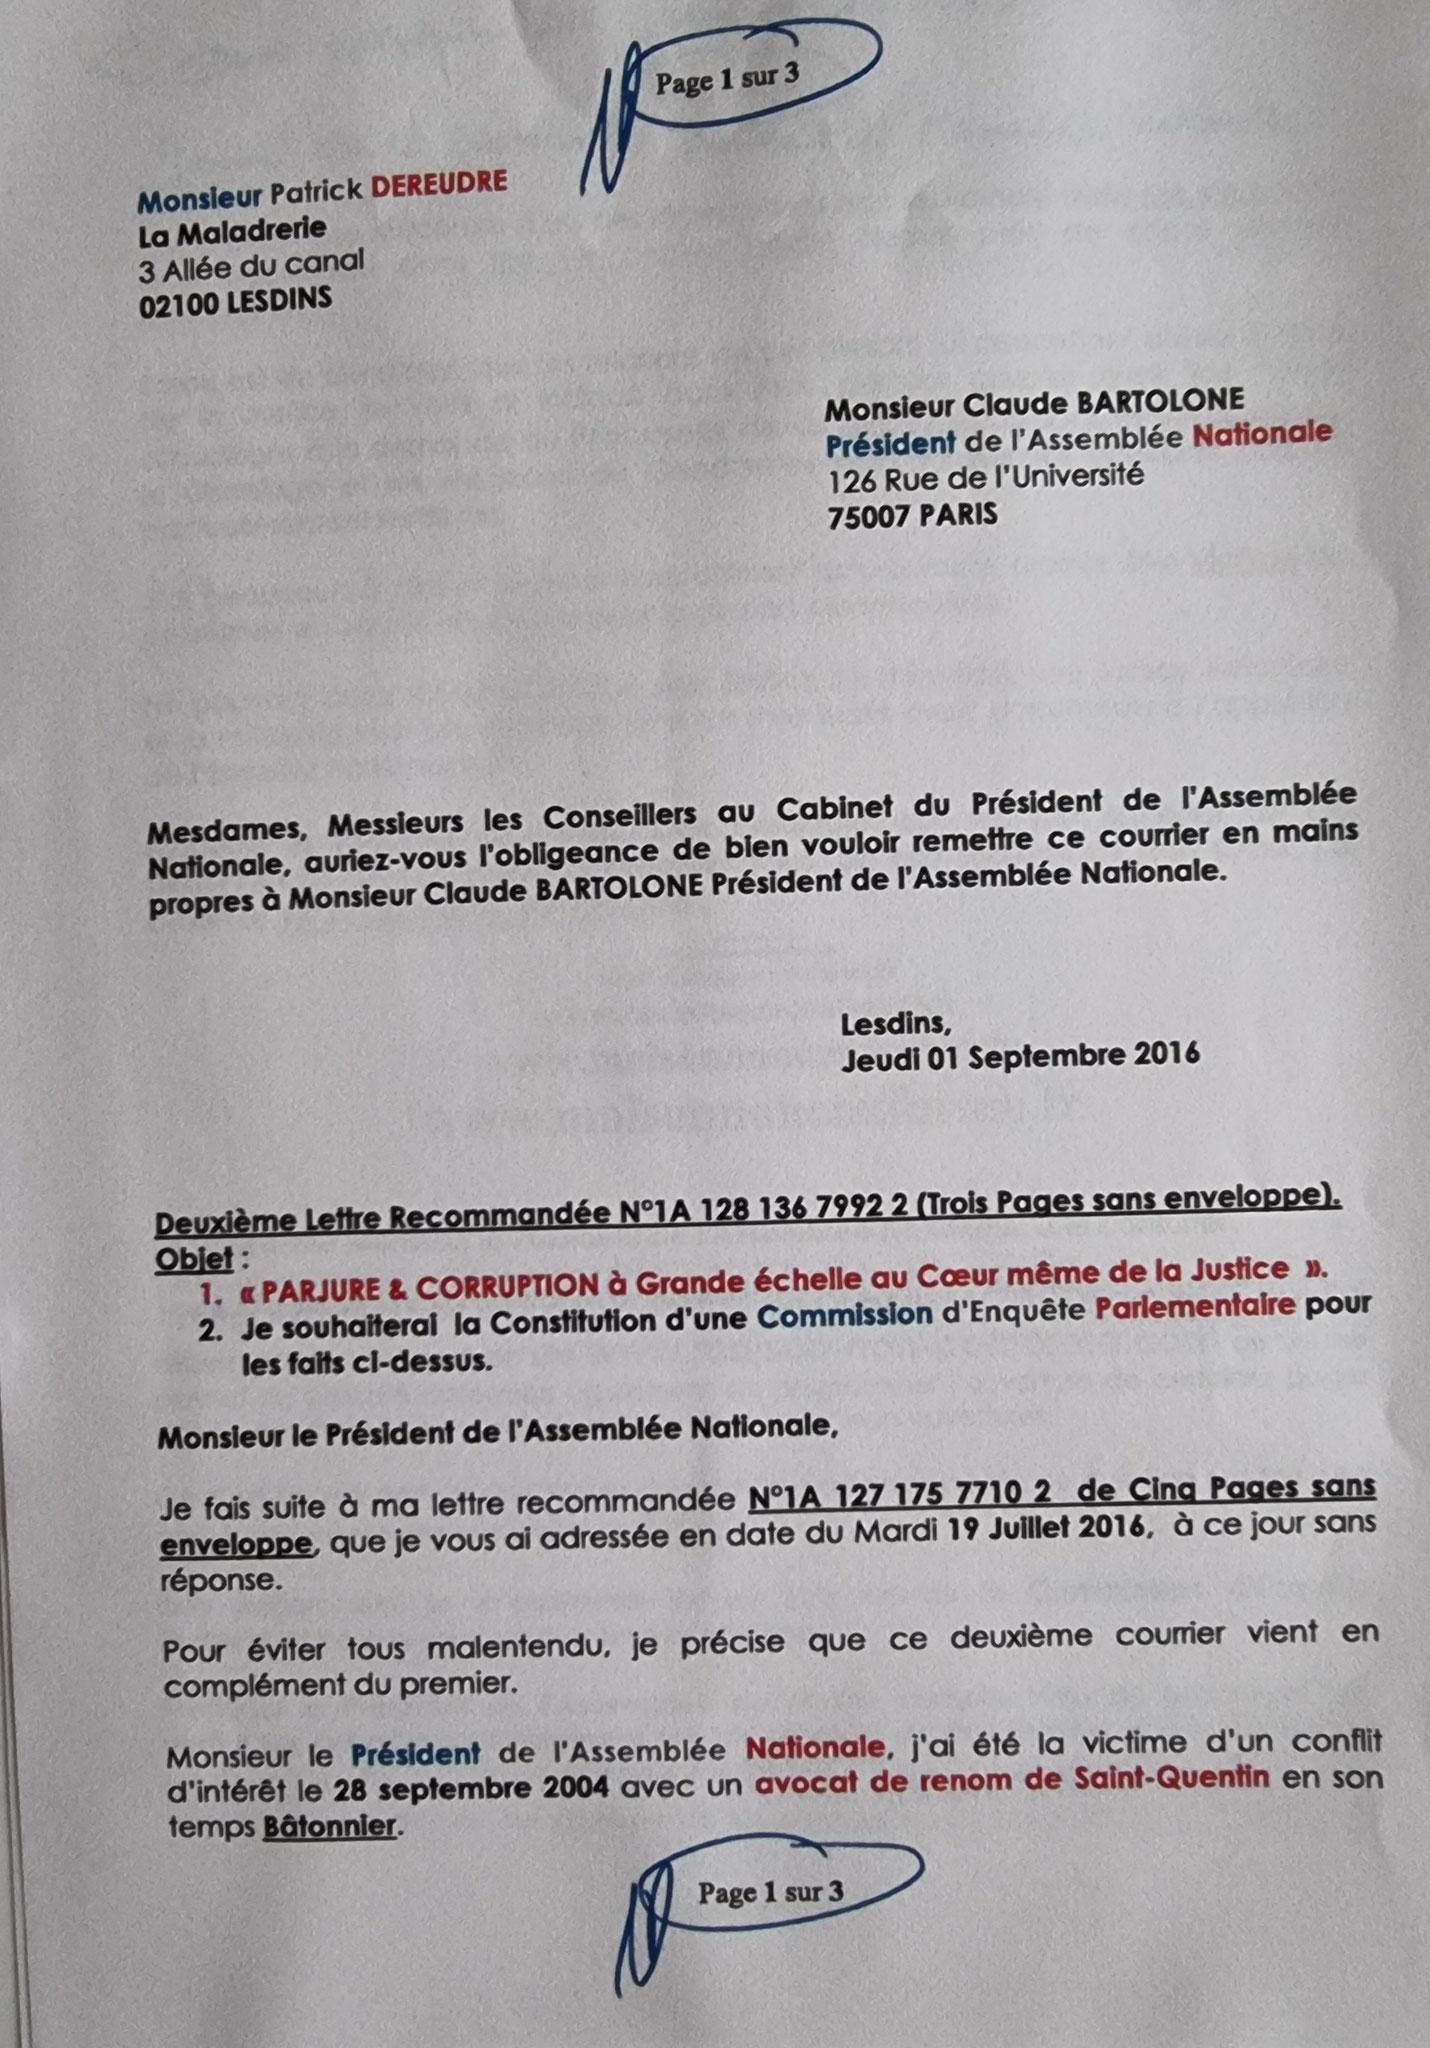 Ma Lettre recommandée du 01 Septembre 2016 adressée à Monsieur le Président de l'Assemblée Nationale  Claude BARTELONE DEMANDE PROTECTION DE MA PERSONNE www.jesuisvictime.fr www.jesuispatrick.fr